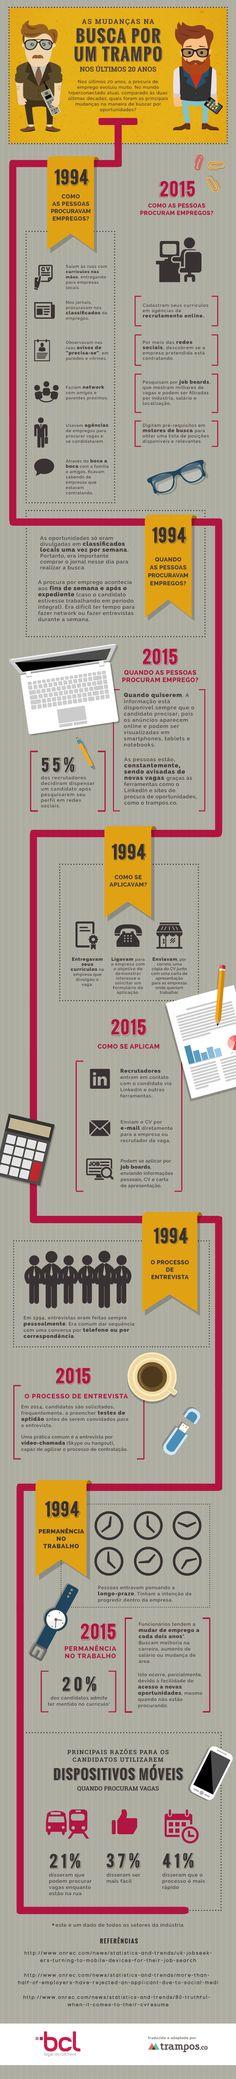 Infográfico: as mudanças na busca por um trampo nos últimos 20 anos